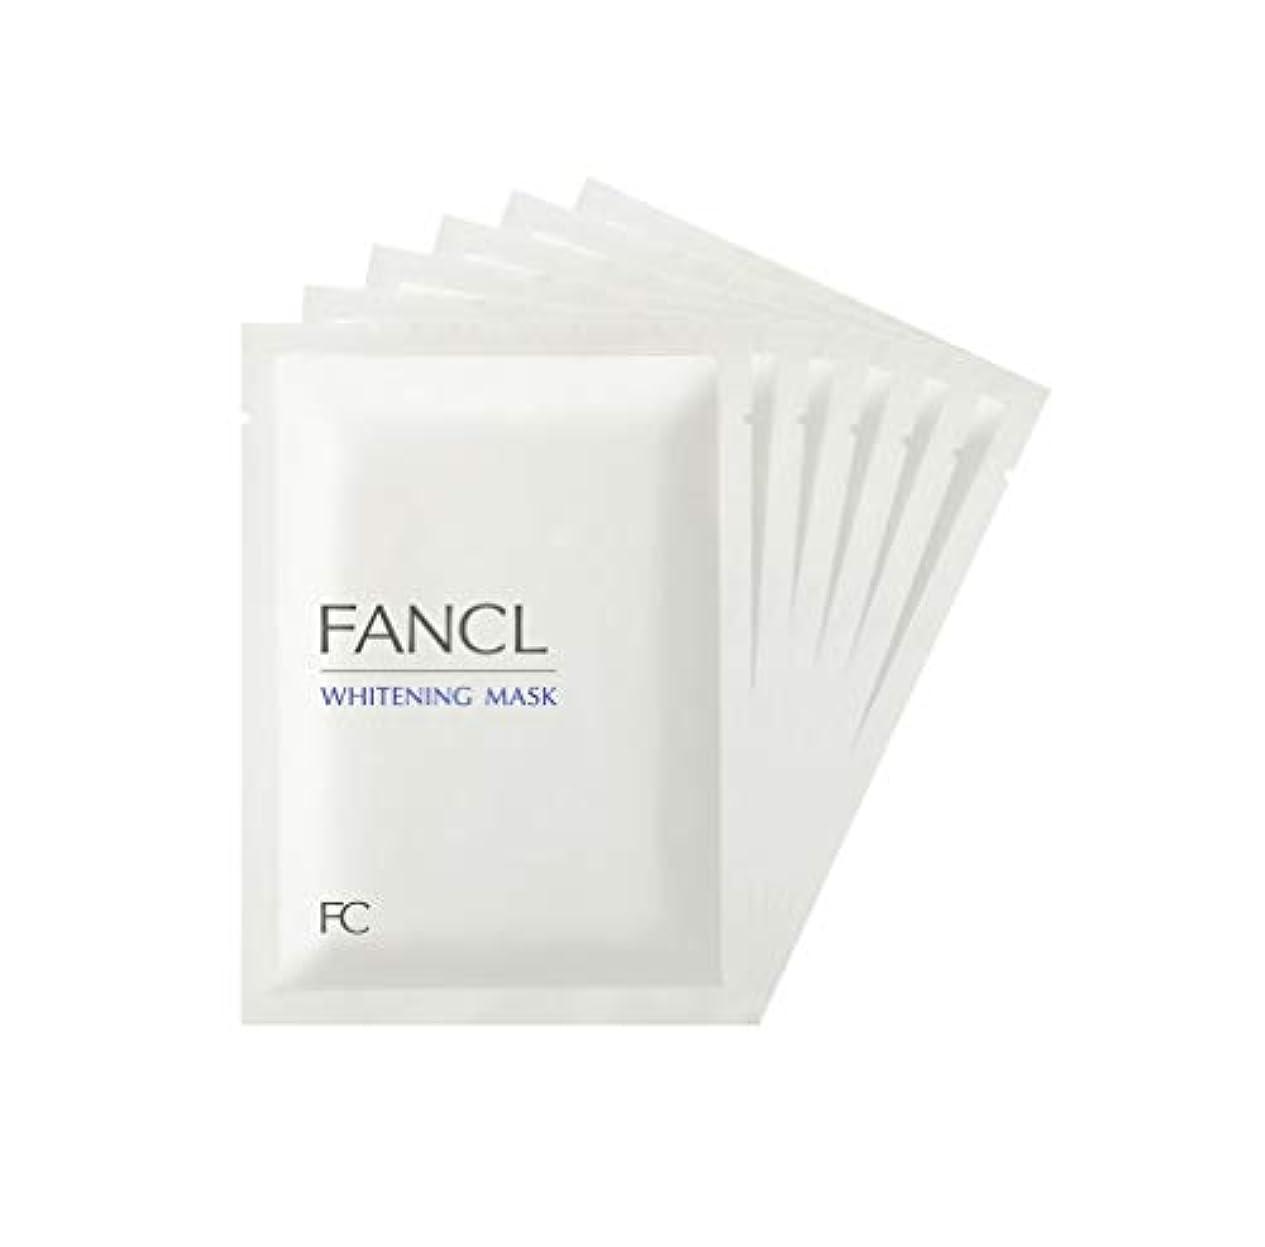 メディカルほうき侵入ファンケル (FANCL) 新 ホワイトニング マスク 6枚セット (21mL×6) 【医薬部外品】